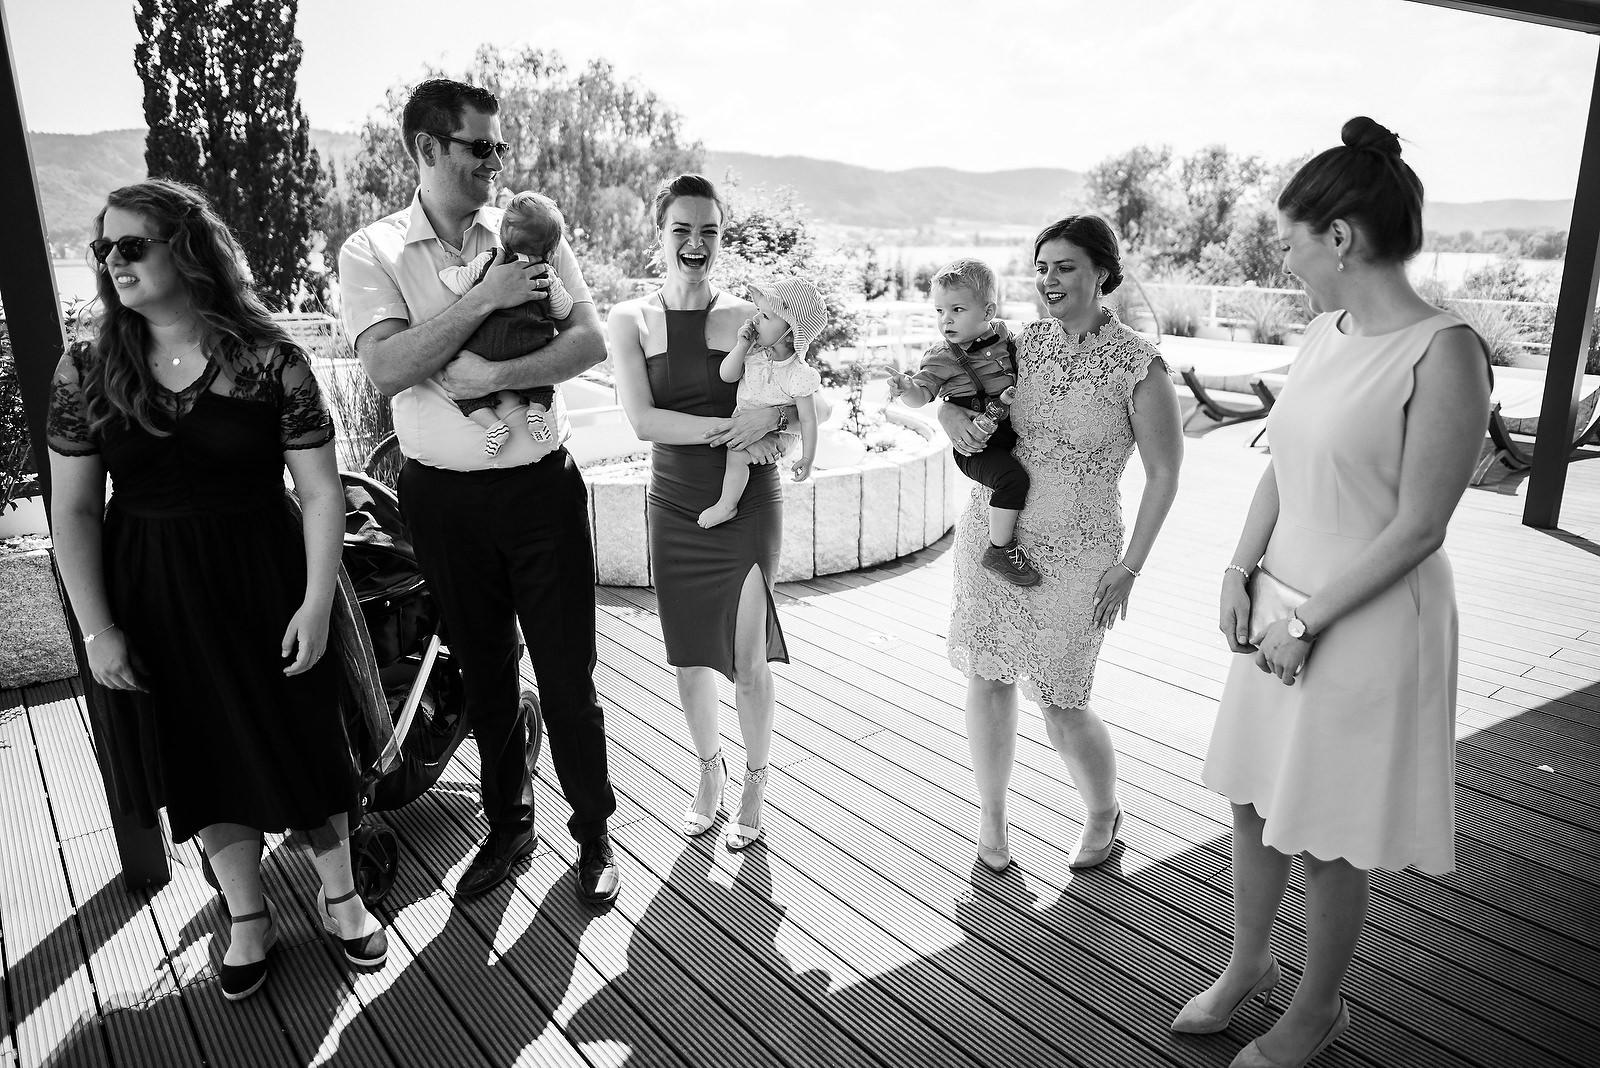 Fotograf Konstanz - Hochzeitsfotograf Bodensee Zollhaus Ludwigshafen Hochzeit Konstanz EFP 018 - Hochzeitsreportage im Zollhaus in Bodman-Ludwigshafen, Bodensee  - 152 -